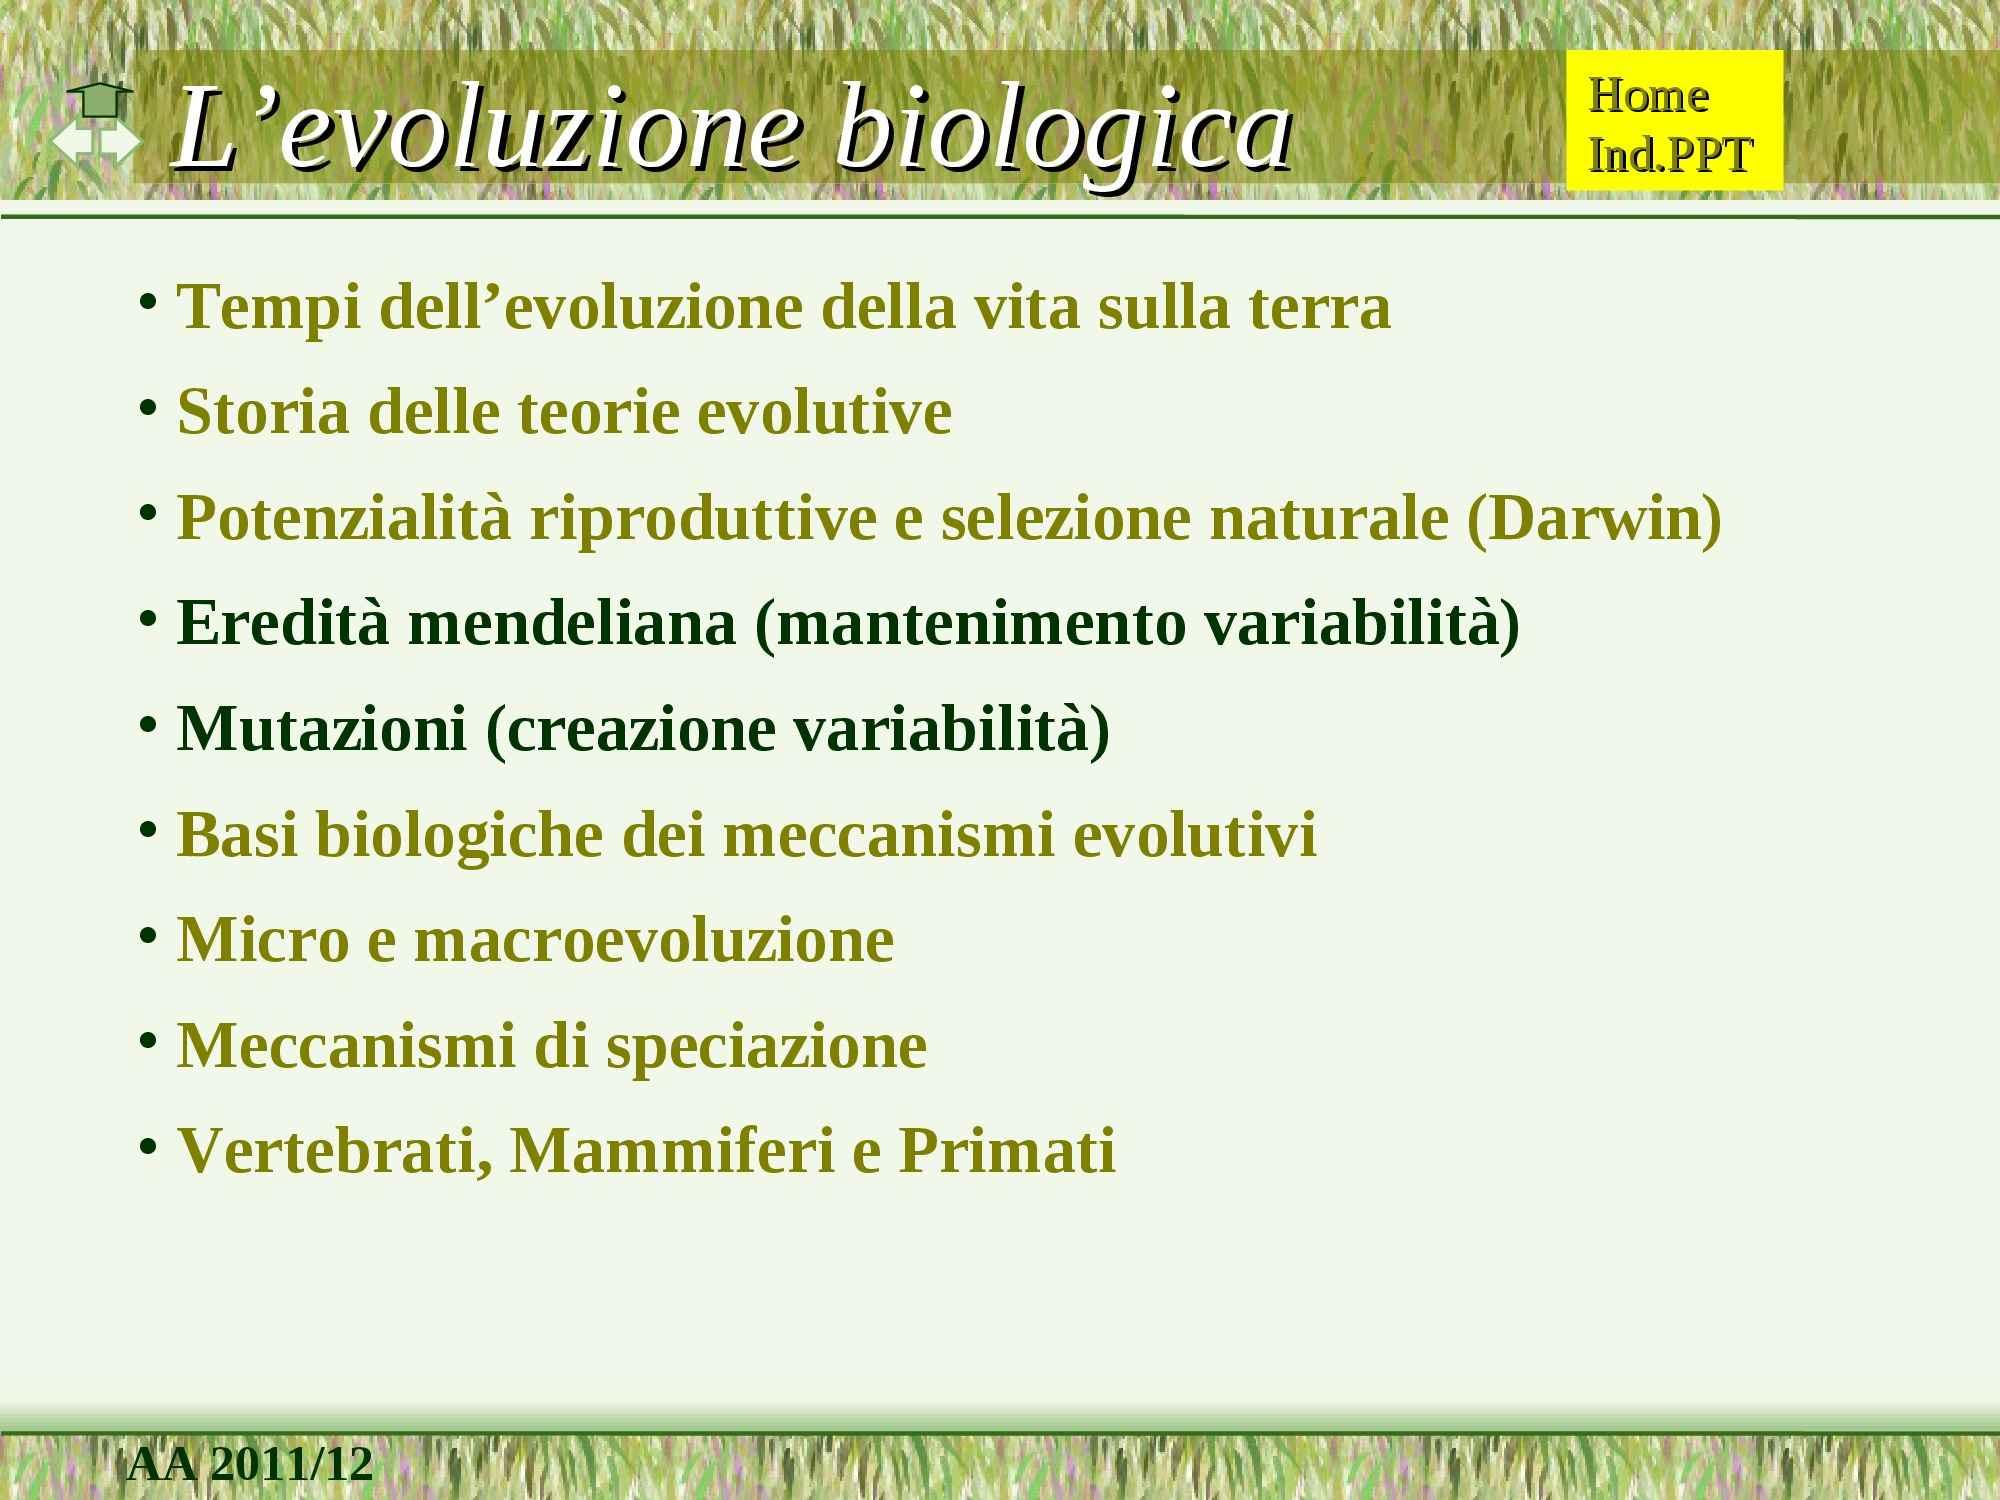 Evoluzione biologica e selezione naturale